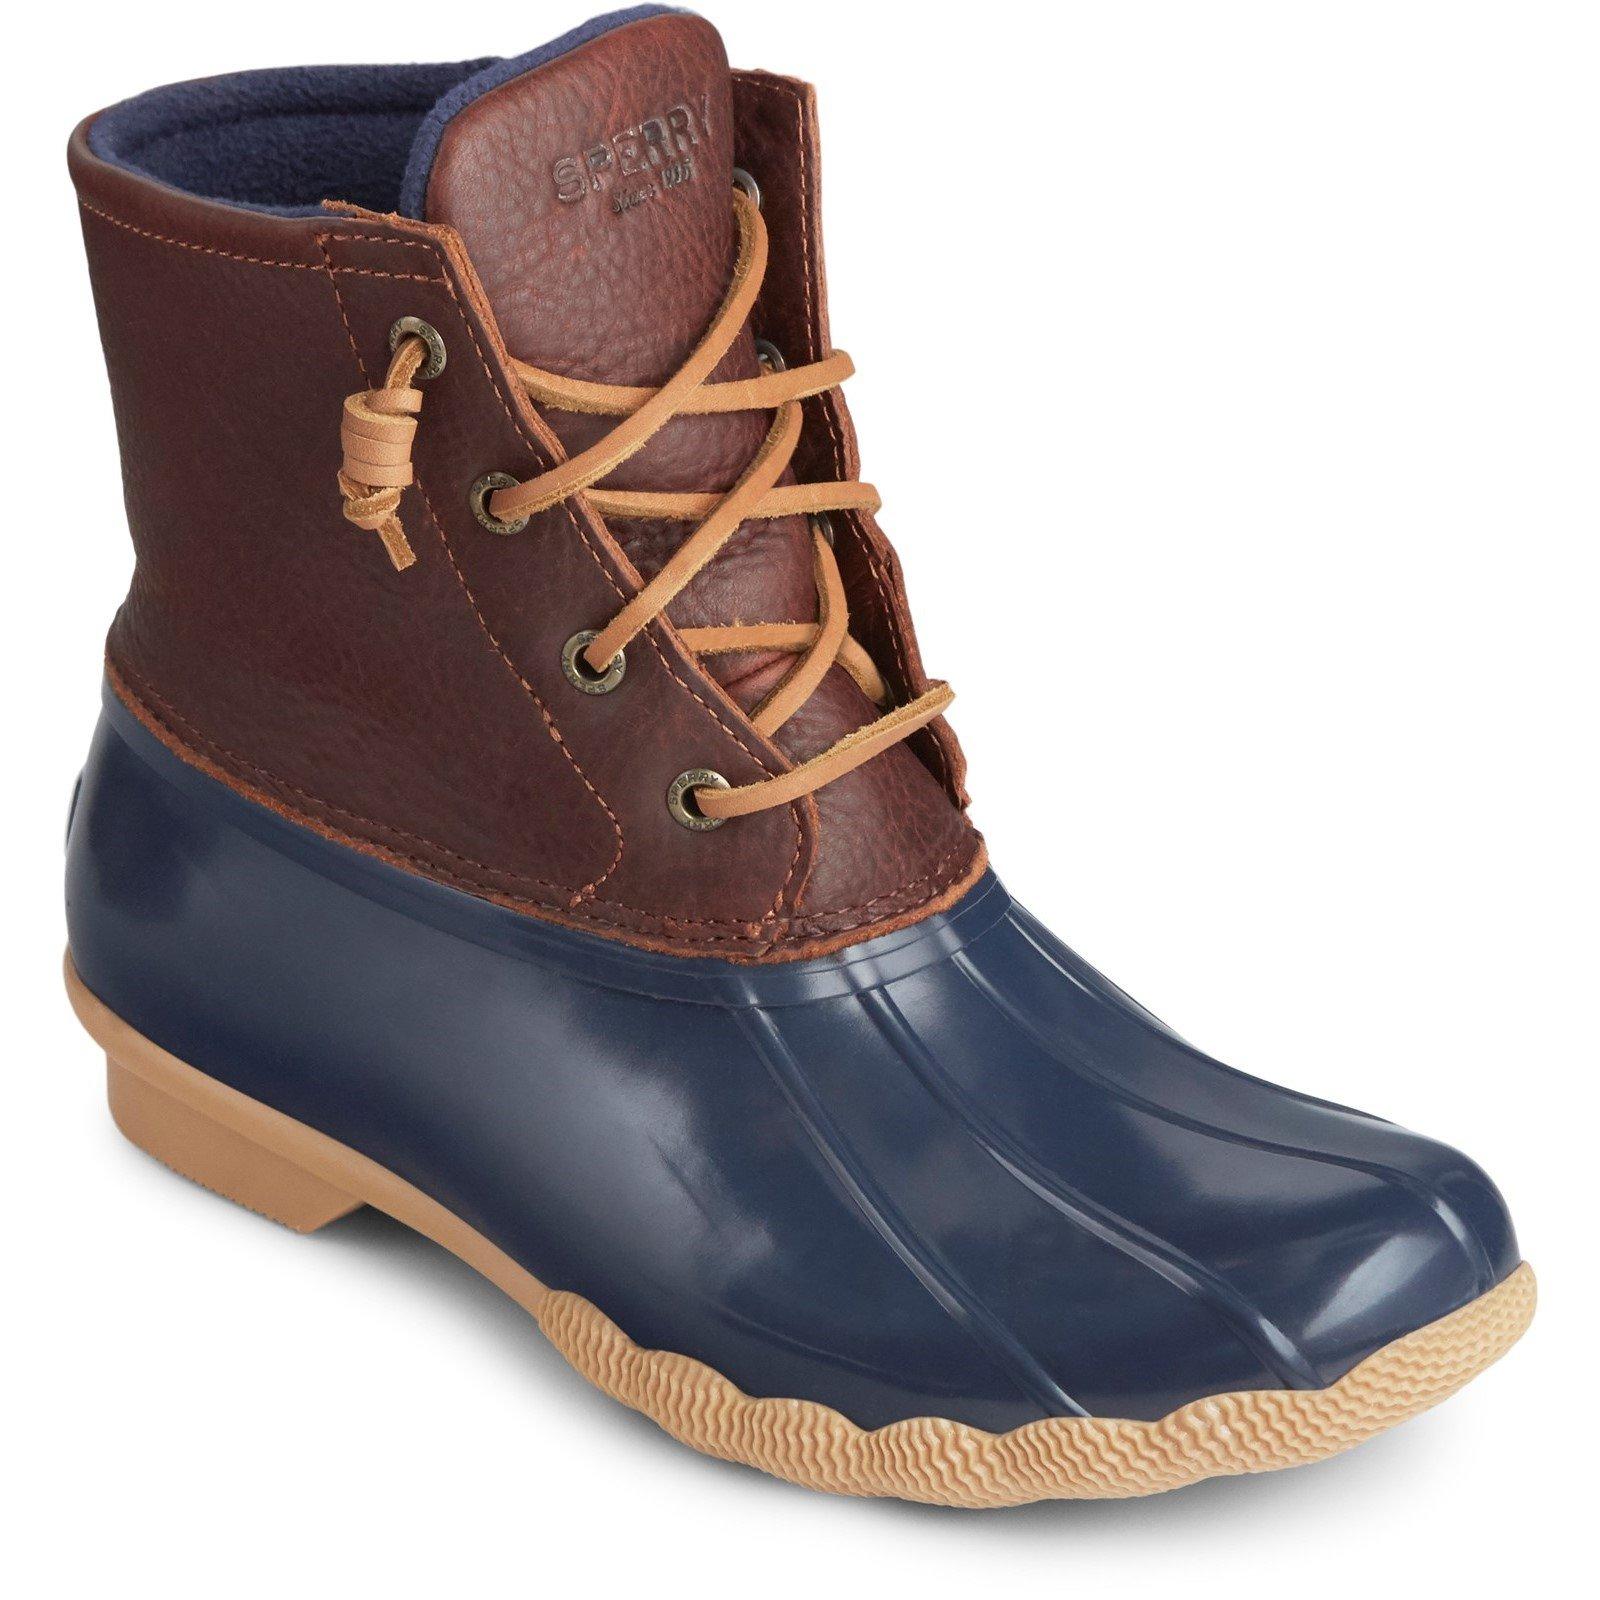 Sperry Women's Saltwater Duck Weather Boot Muticolor 32237 - Tan/Navy 3